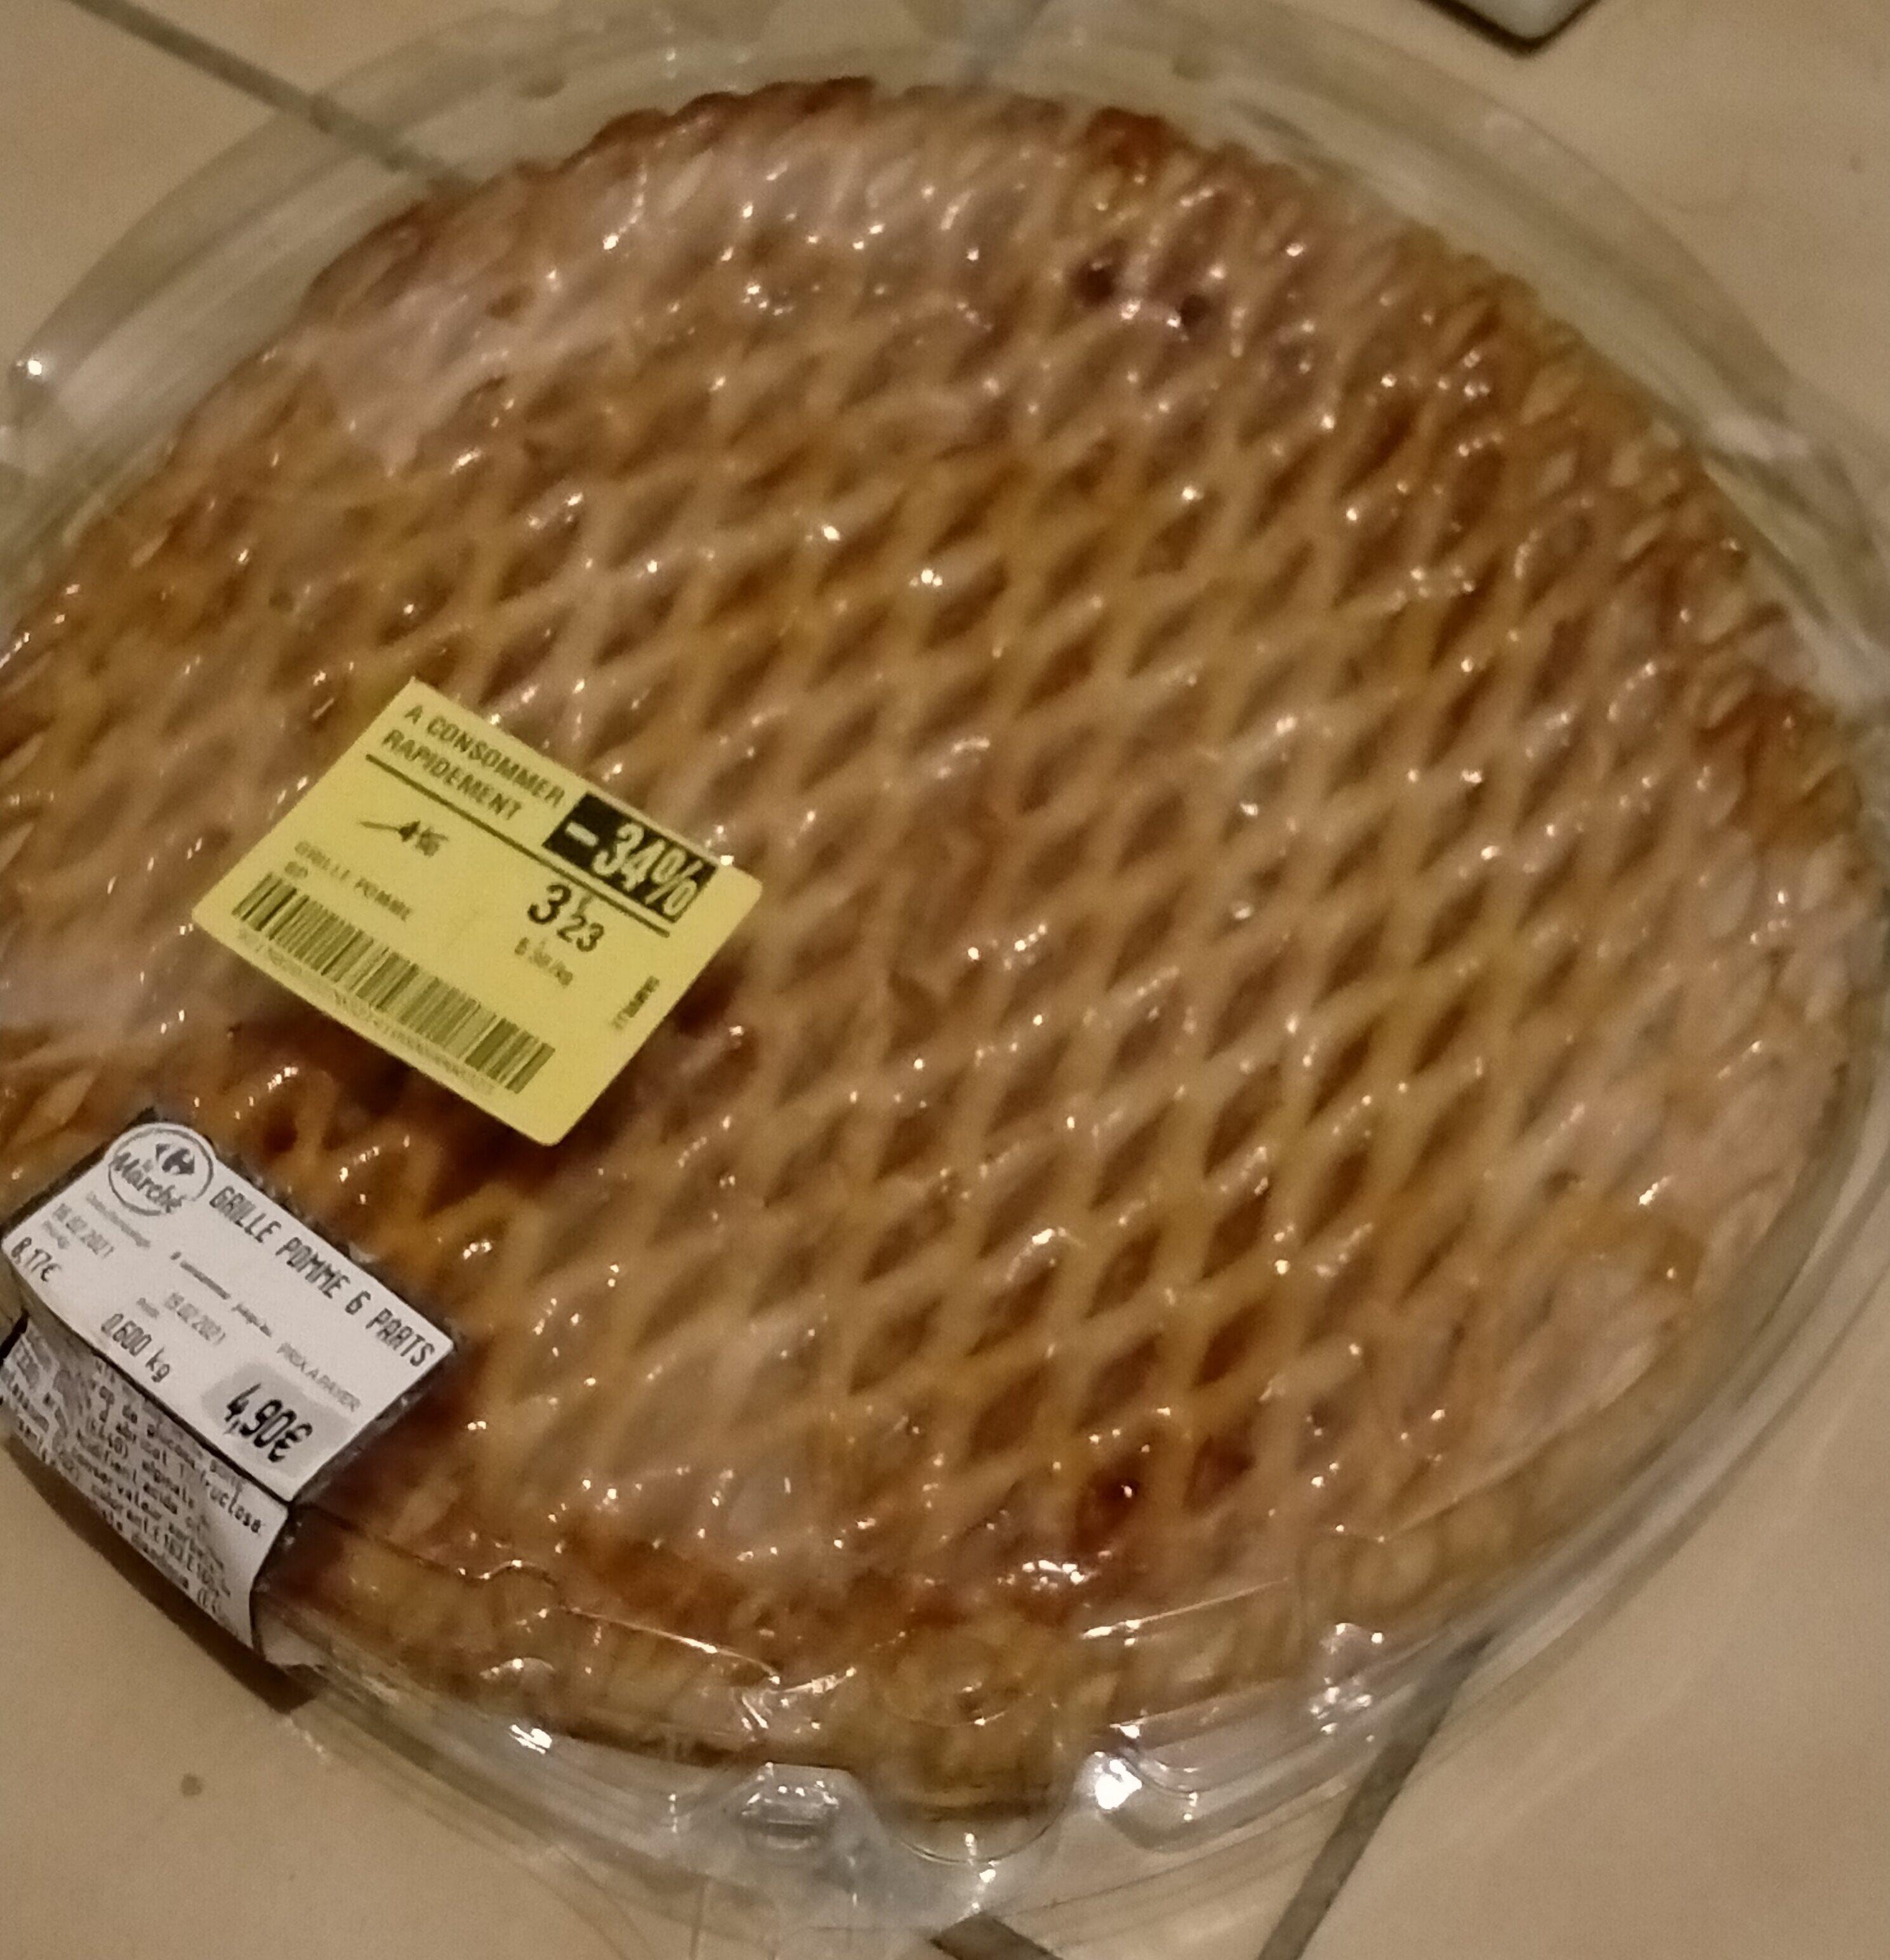 Grillé aux pommes 6 parts - Instruction de recyclage et/ou informations d'emballage - fr